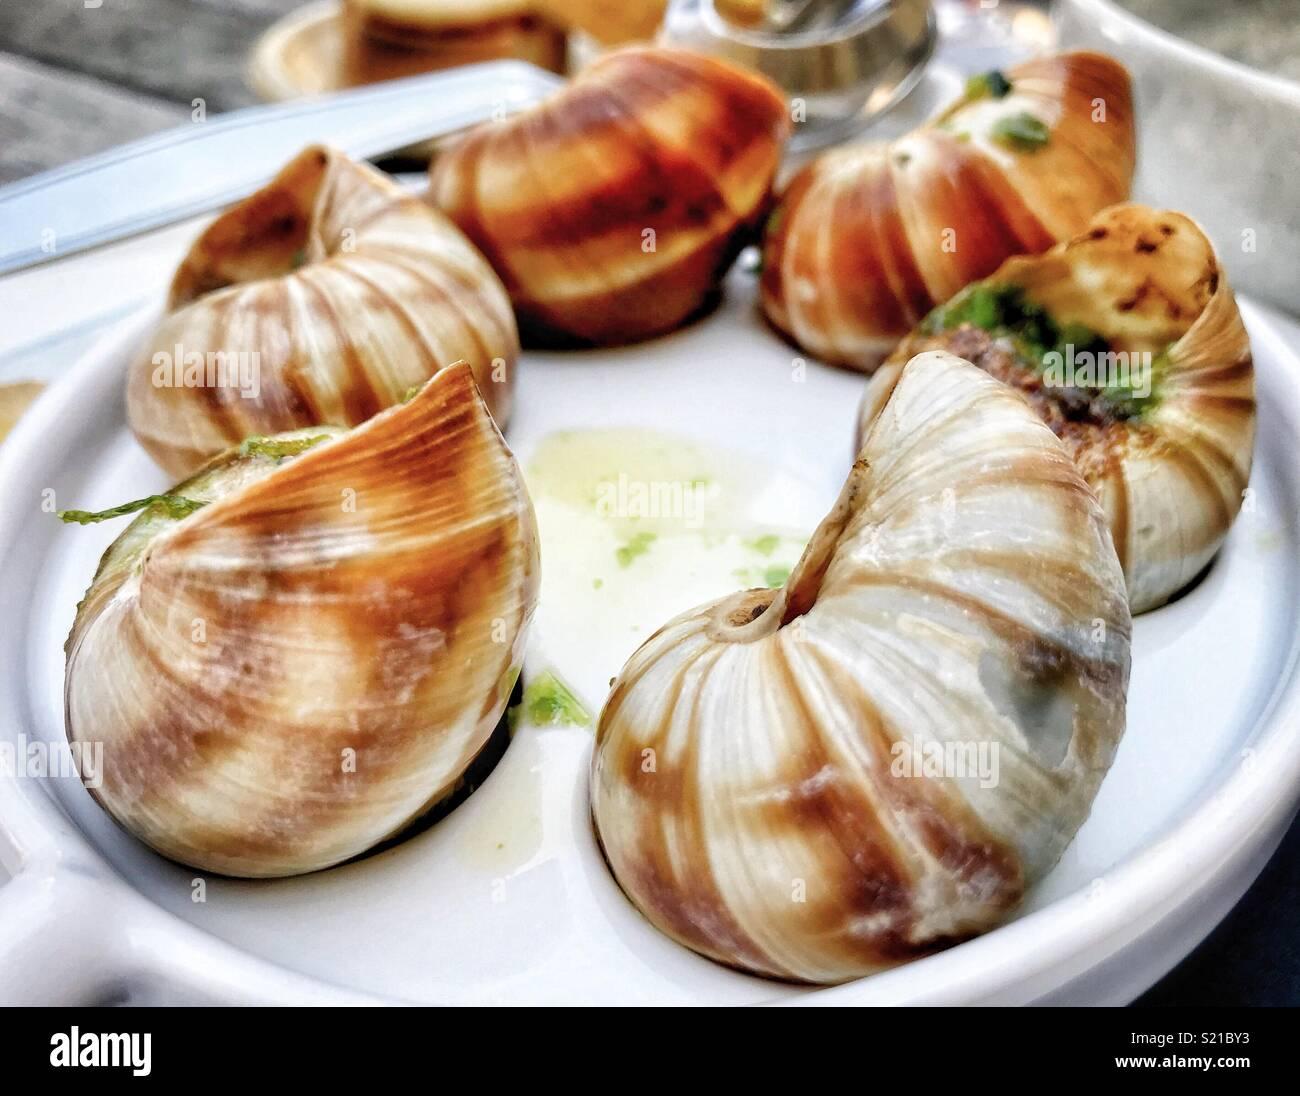 Les escargots- qui suinte l'ail et le persil. Lickingly fabricants de nourriture incroyable Photo Stock